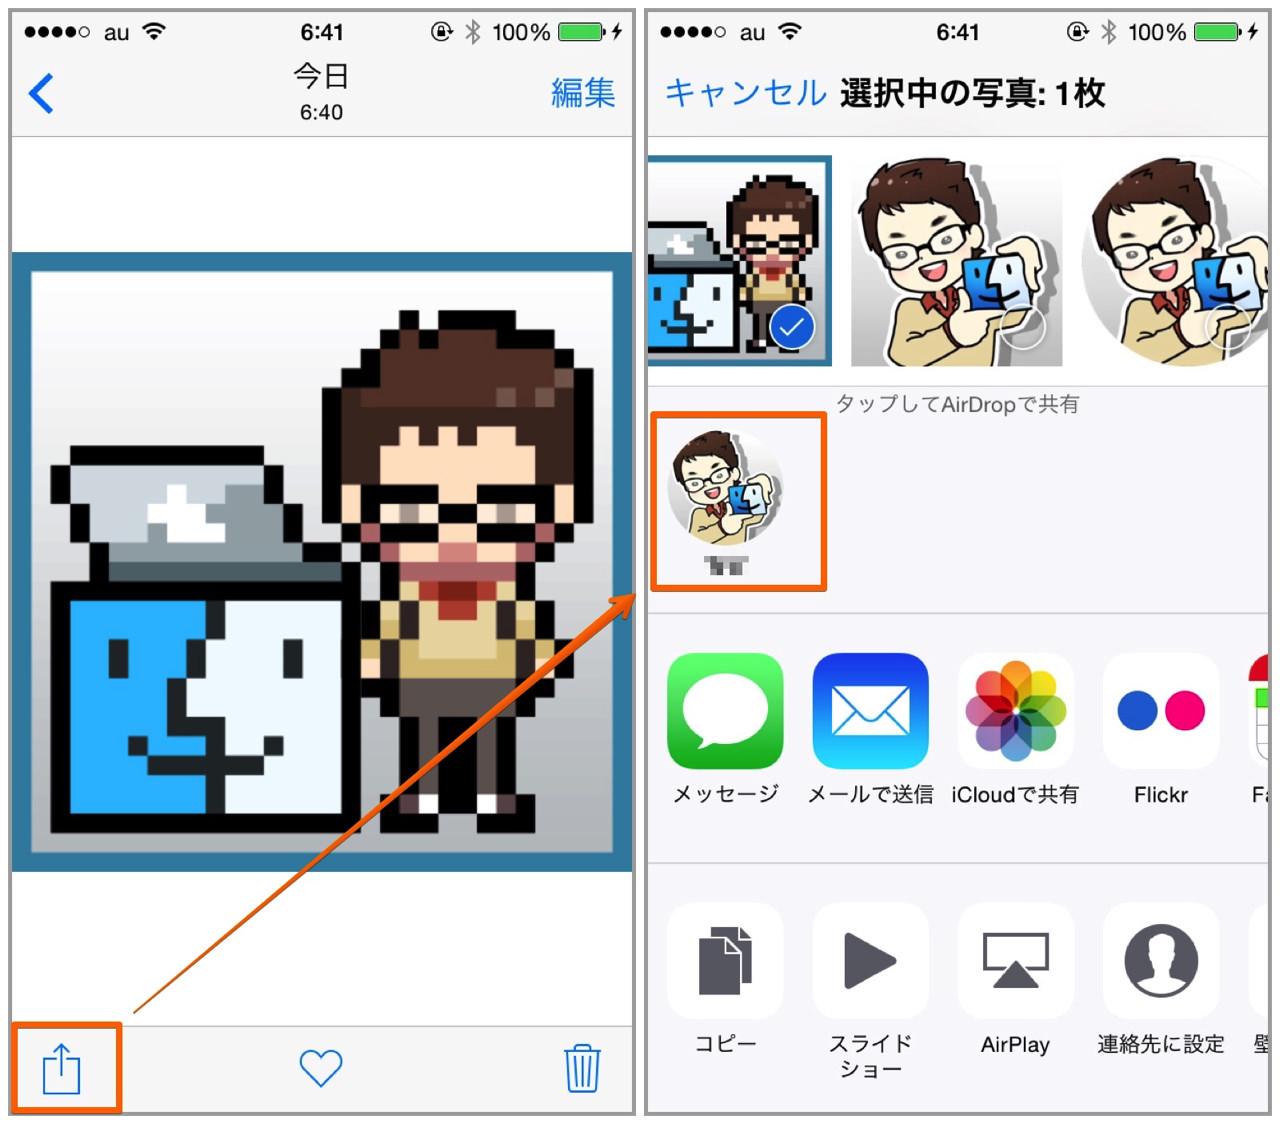 AirDropを使うとスピーディーにiPhoneの写真をMacに送ることができる